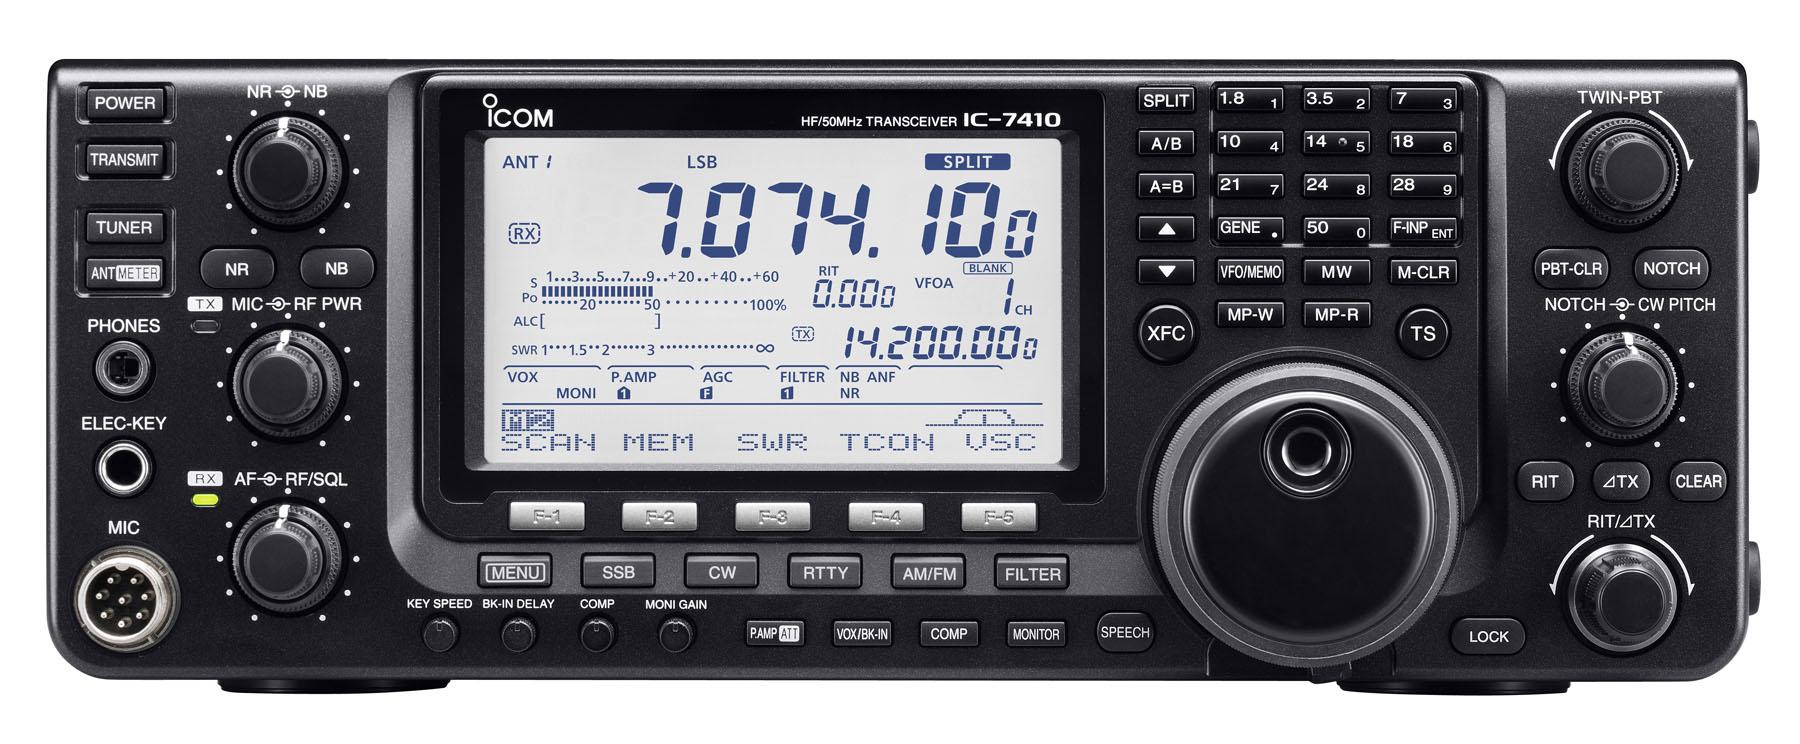 Transceivers Rig Icom 2300h Ic 7410 Hf 50mhz Transceiver